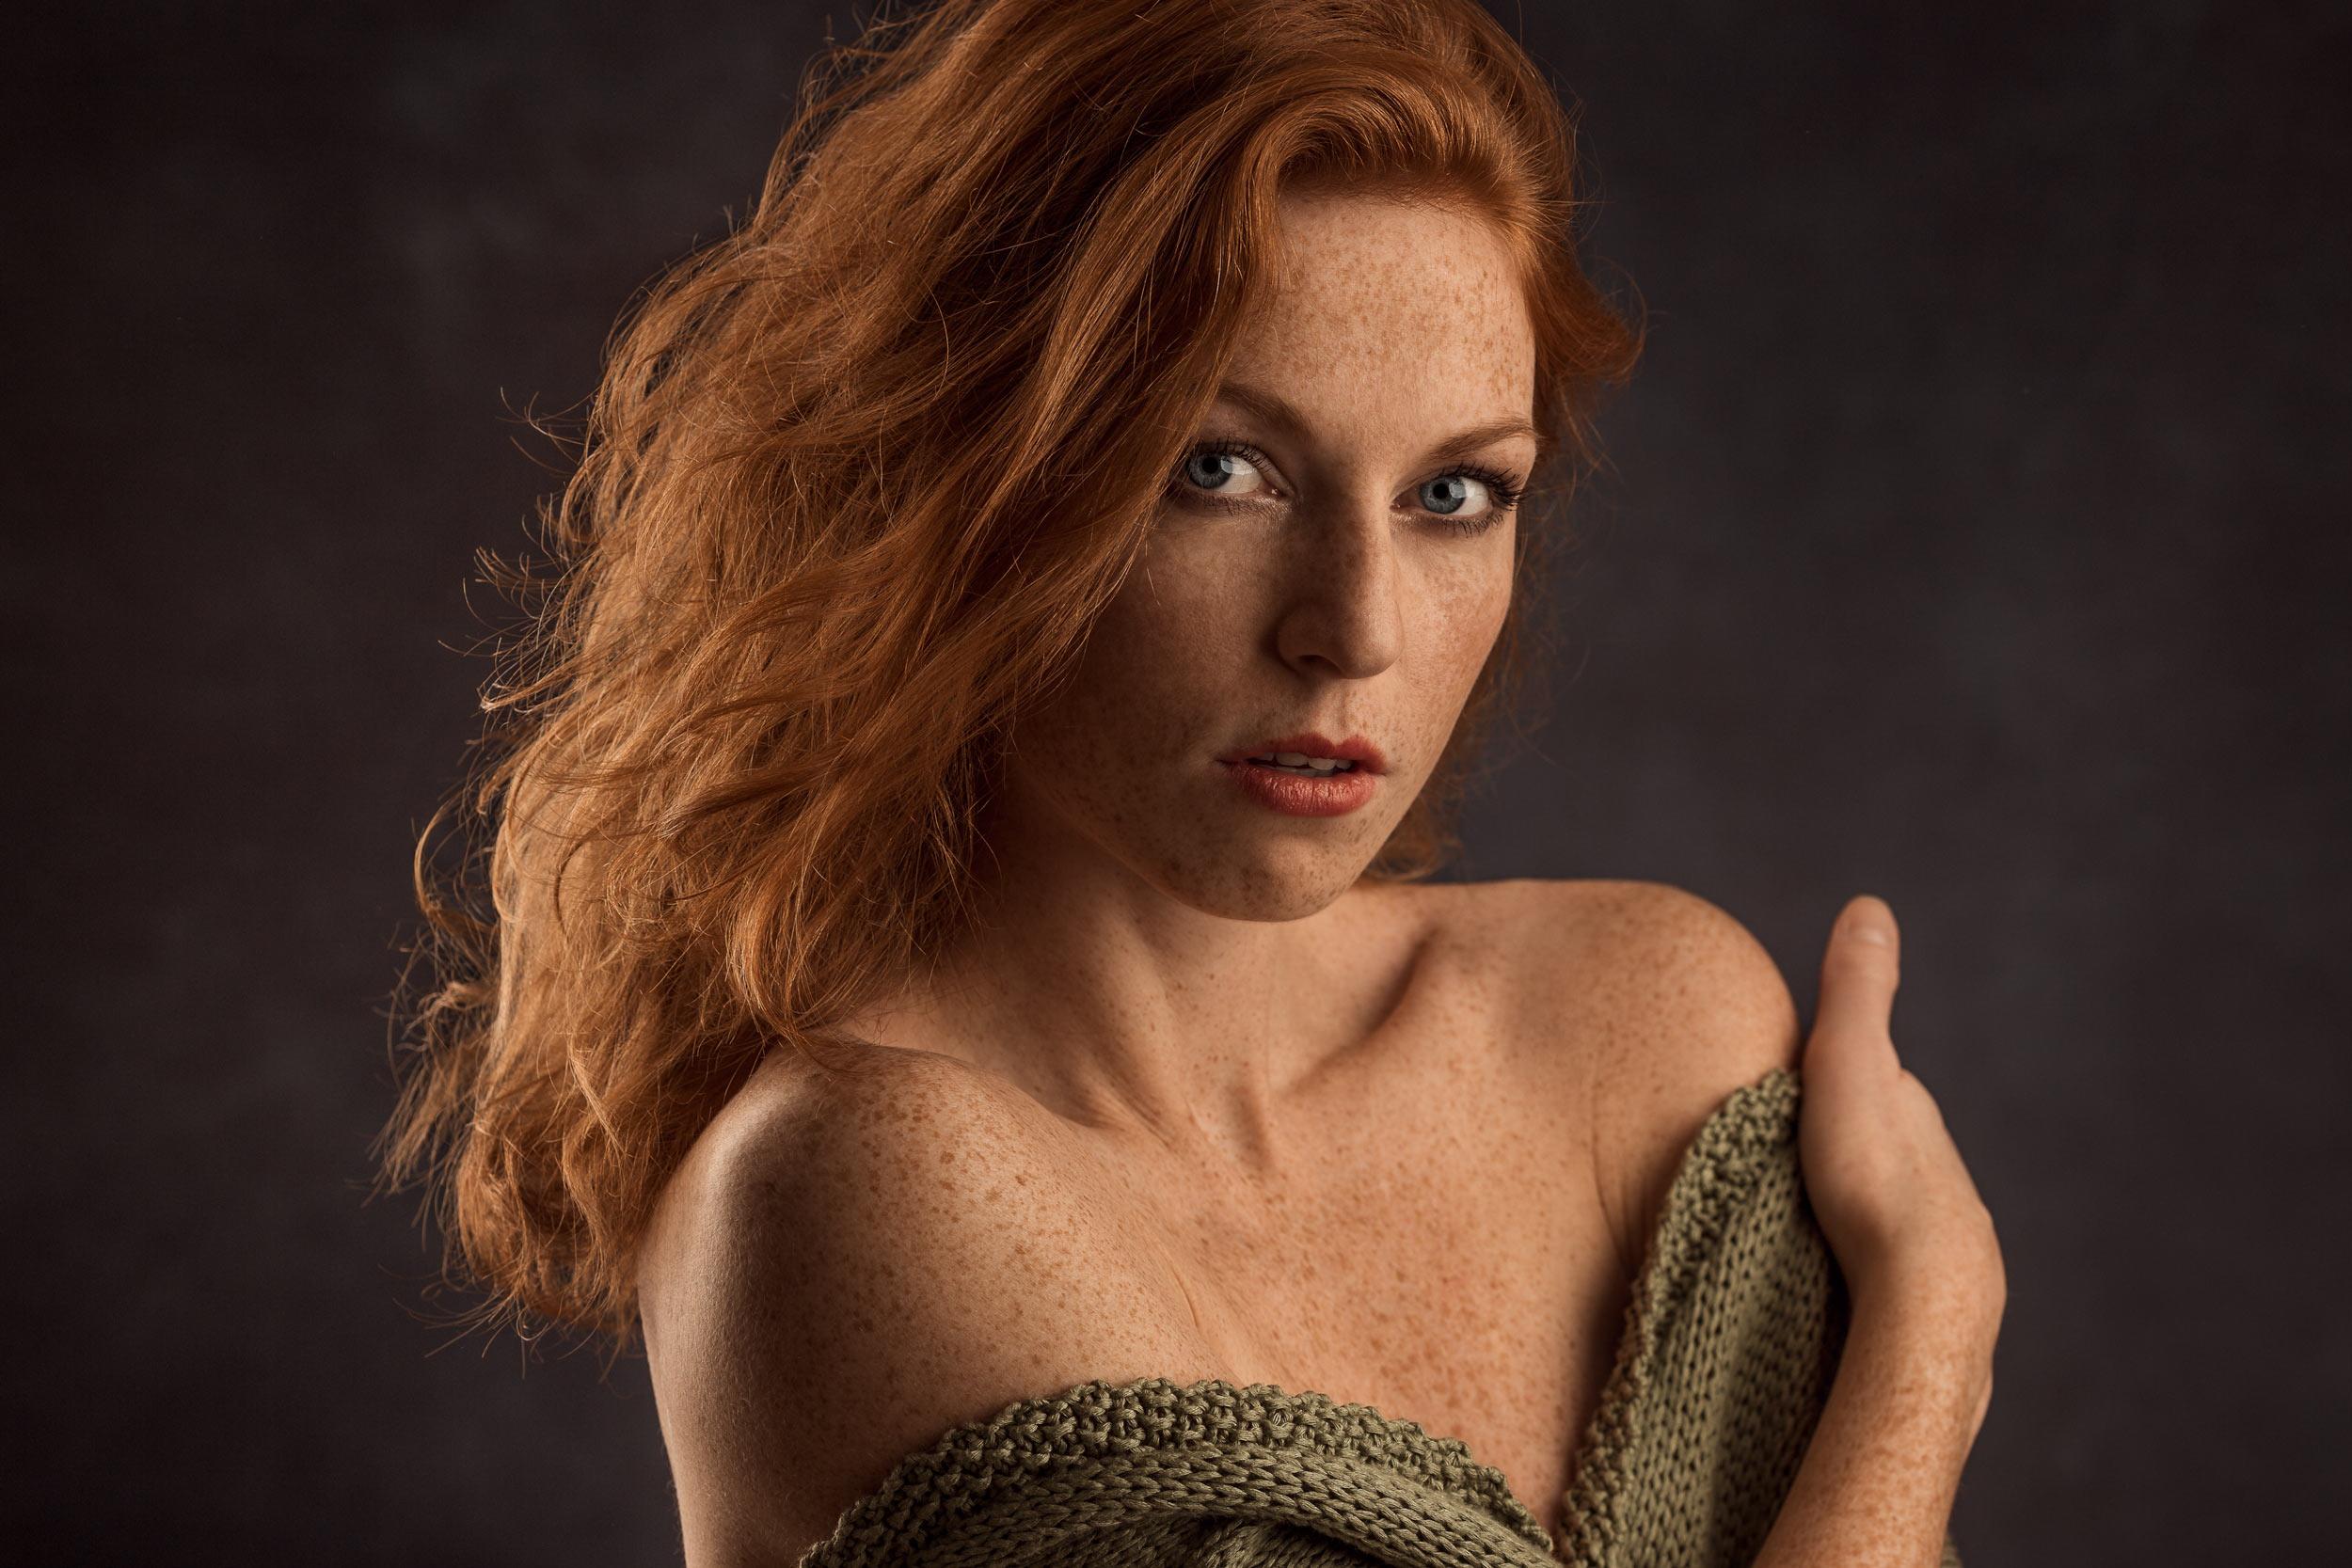 Model Marieke Verduijn